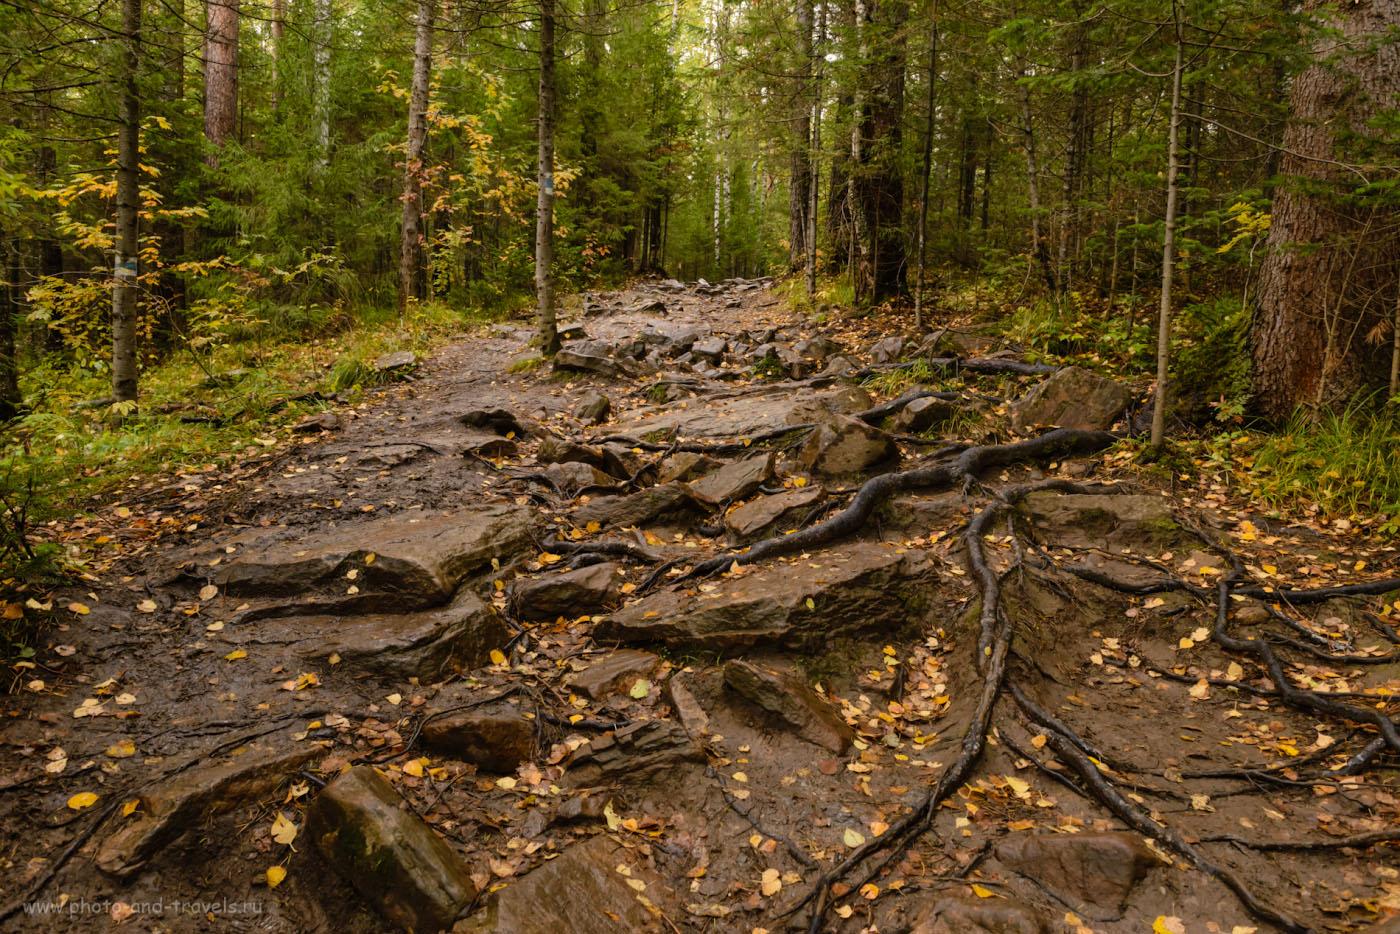 Снимок 4. Как выглядит тропа в национальном парке «Таганай». Подъем на участке «Пыхтун». 1/160, -1.0, 8.0, 2000, 24.